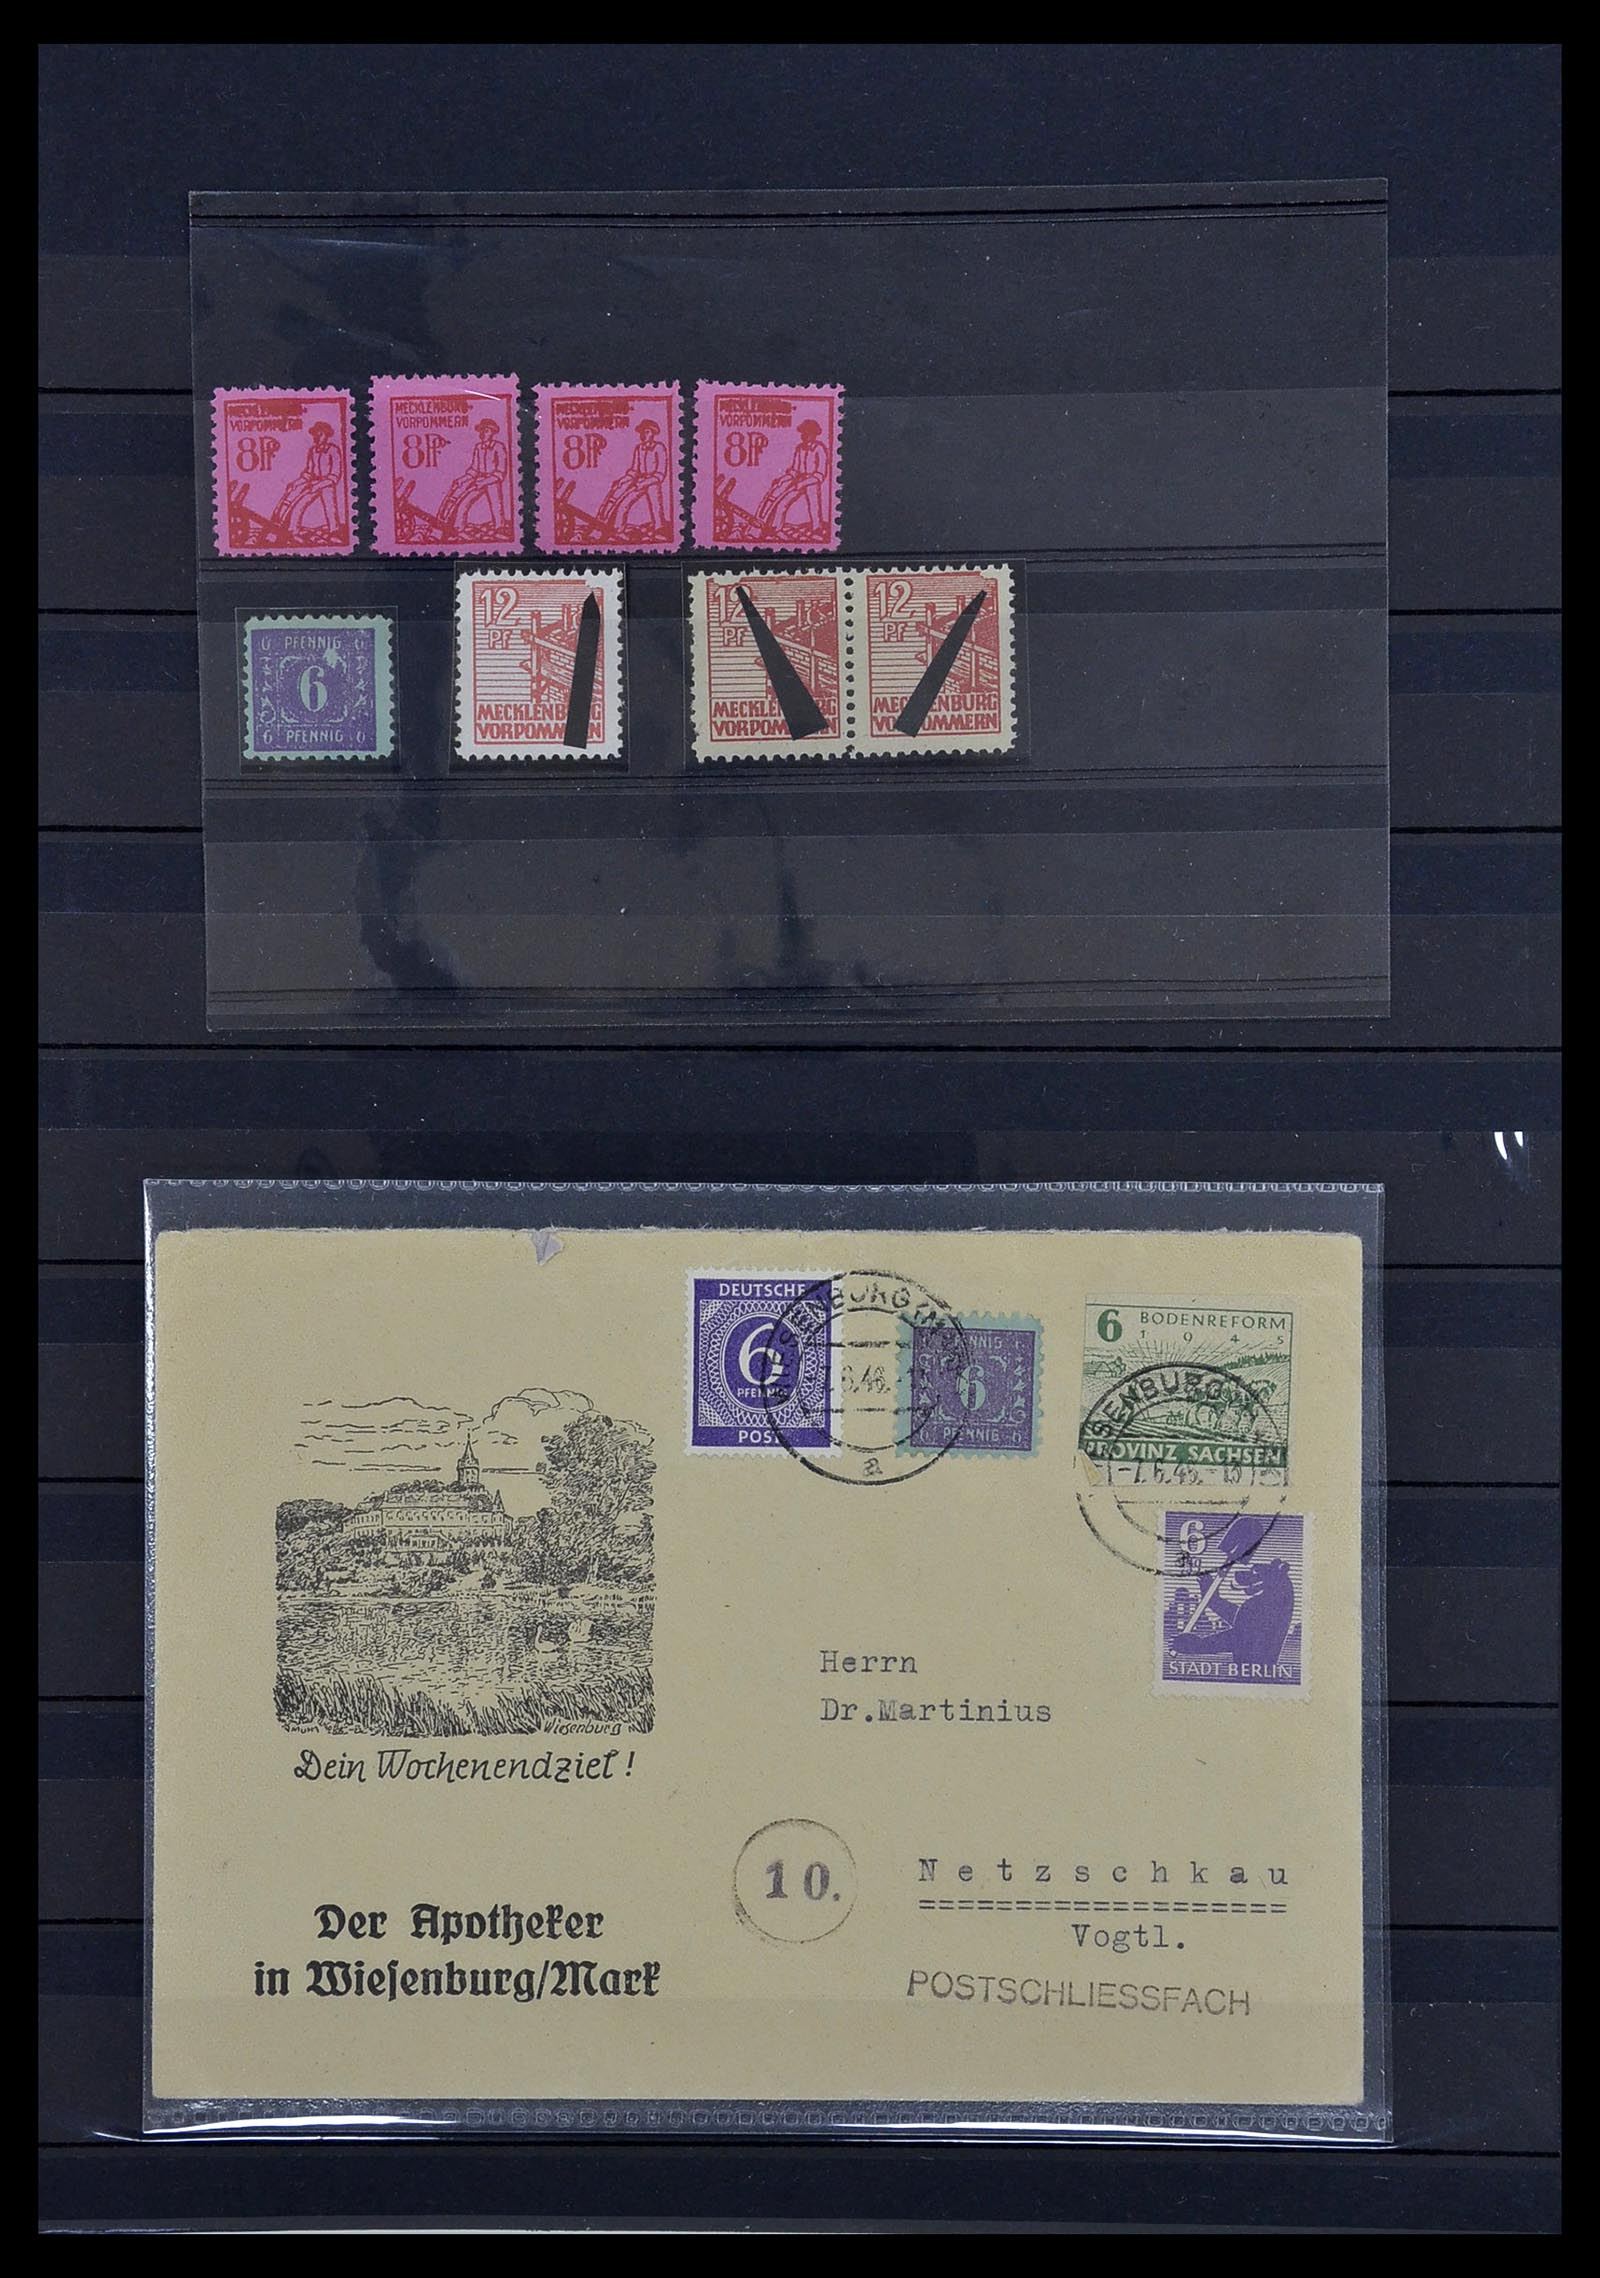 34039 001 - Postzegelverzameling 34039 Mecklenburg-Vorpommern 1945-1946.